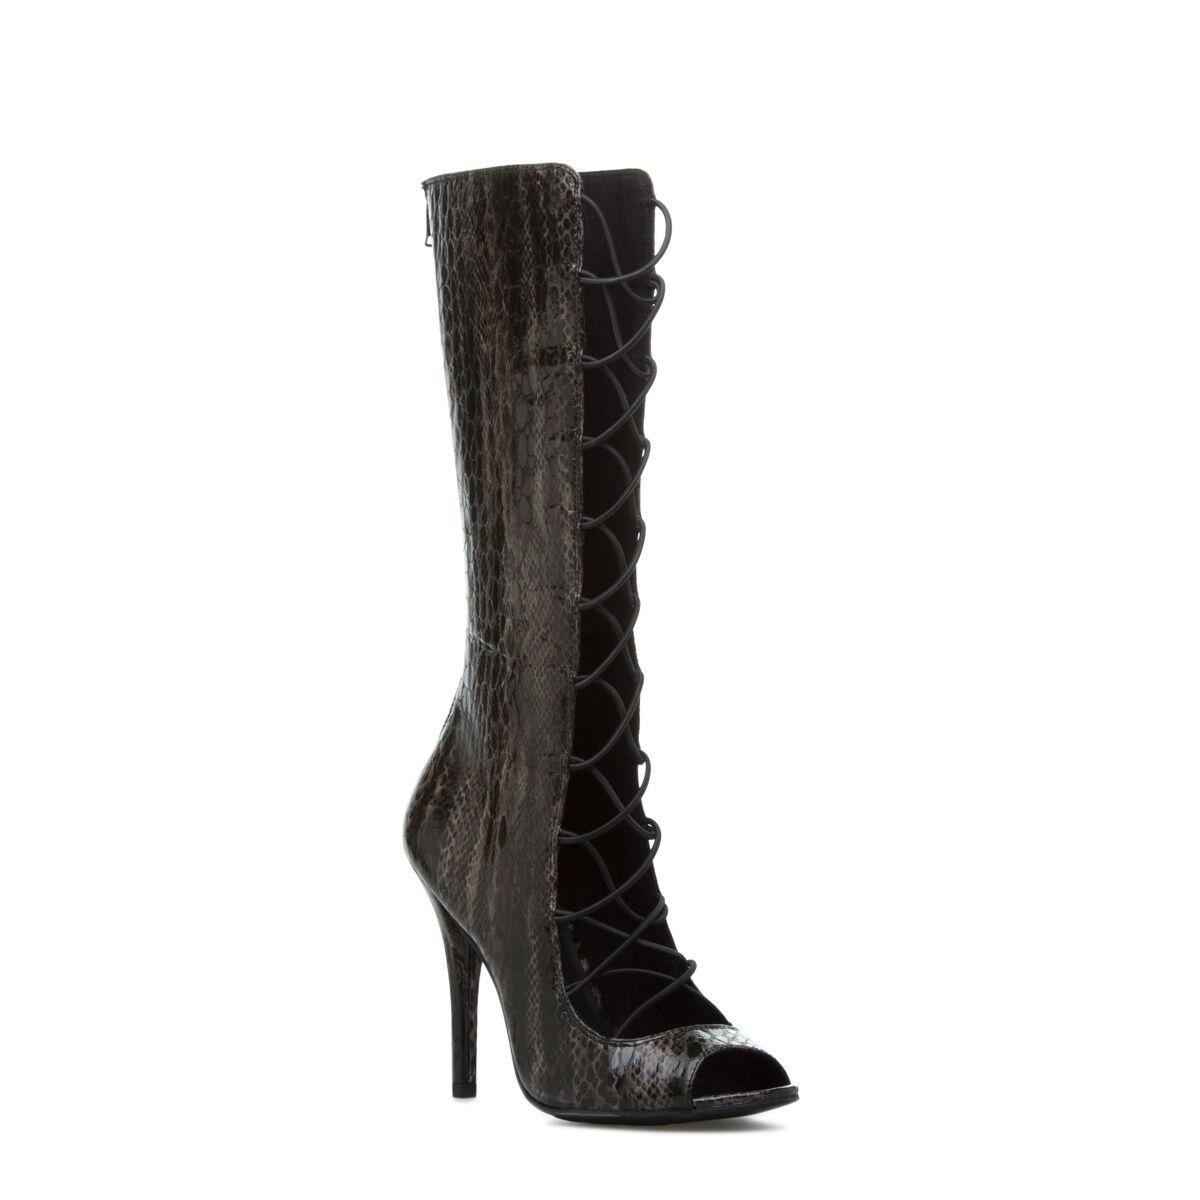 ny Sexy läder Knee High Boot Heel Heel Heel av Paper Fox   Lace -up Styling Storlek 7.5  köpa billiga nya